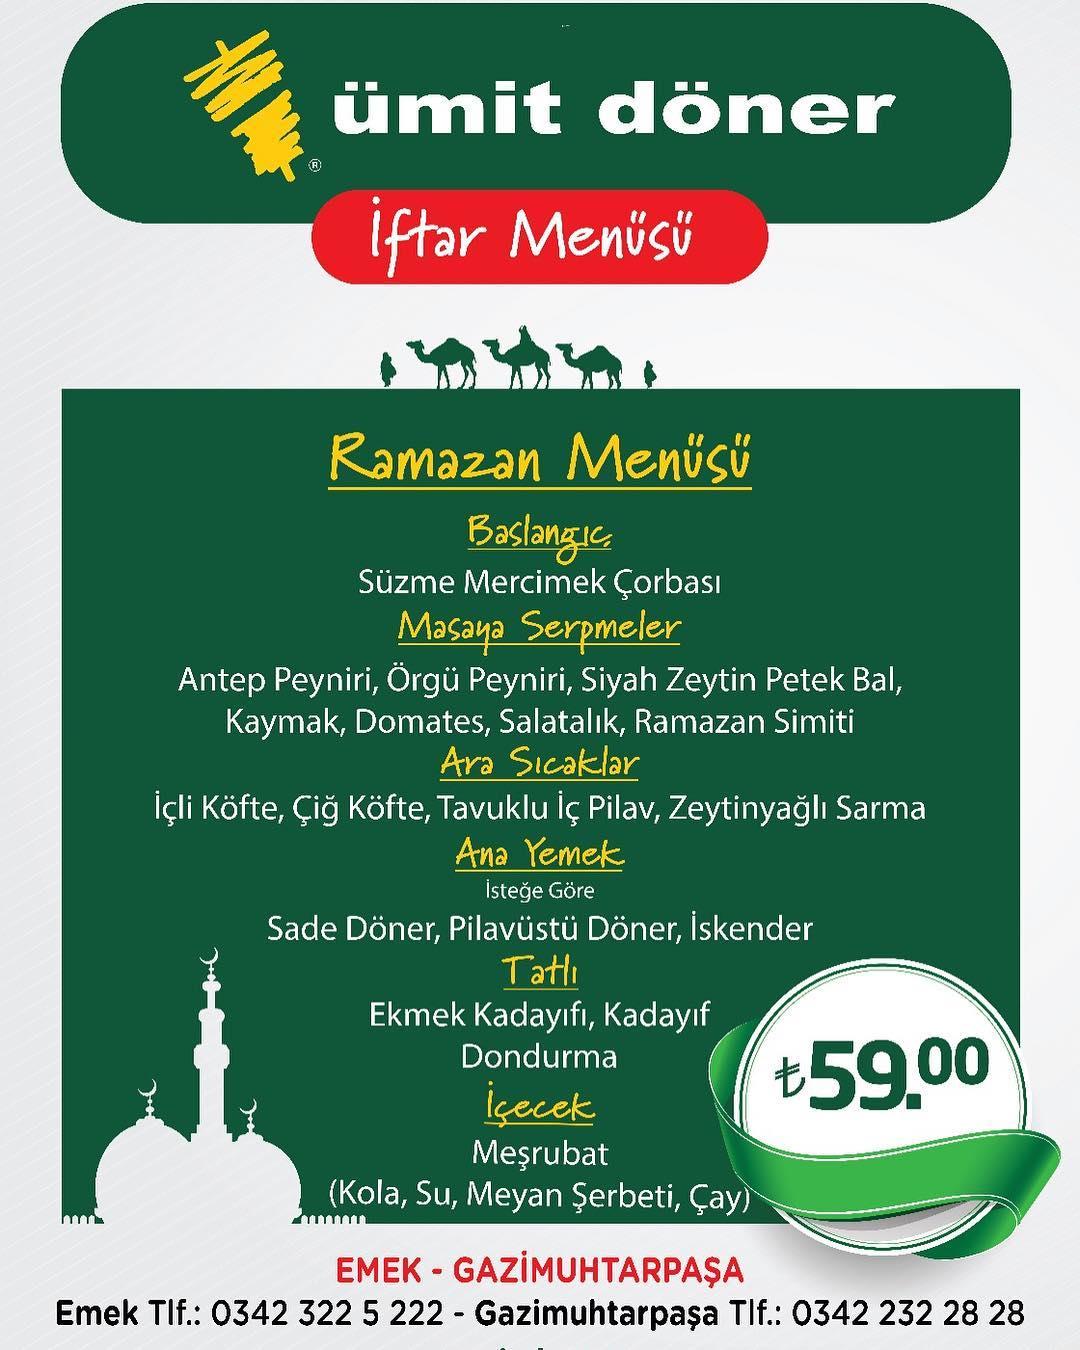 ümit döner gaziantep iftar menusu fiyatlari gaziantep iftar mekanları gaziantep iftar menüsü ve fiyatları